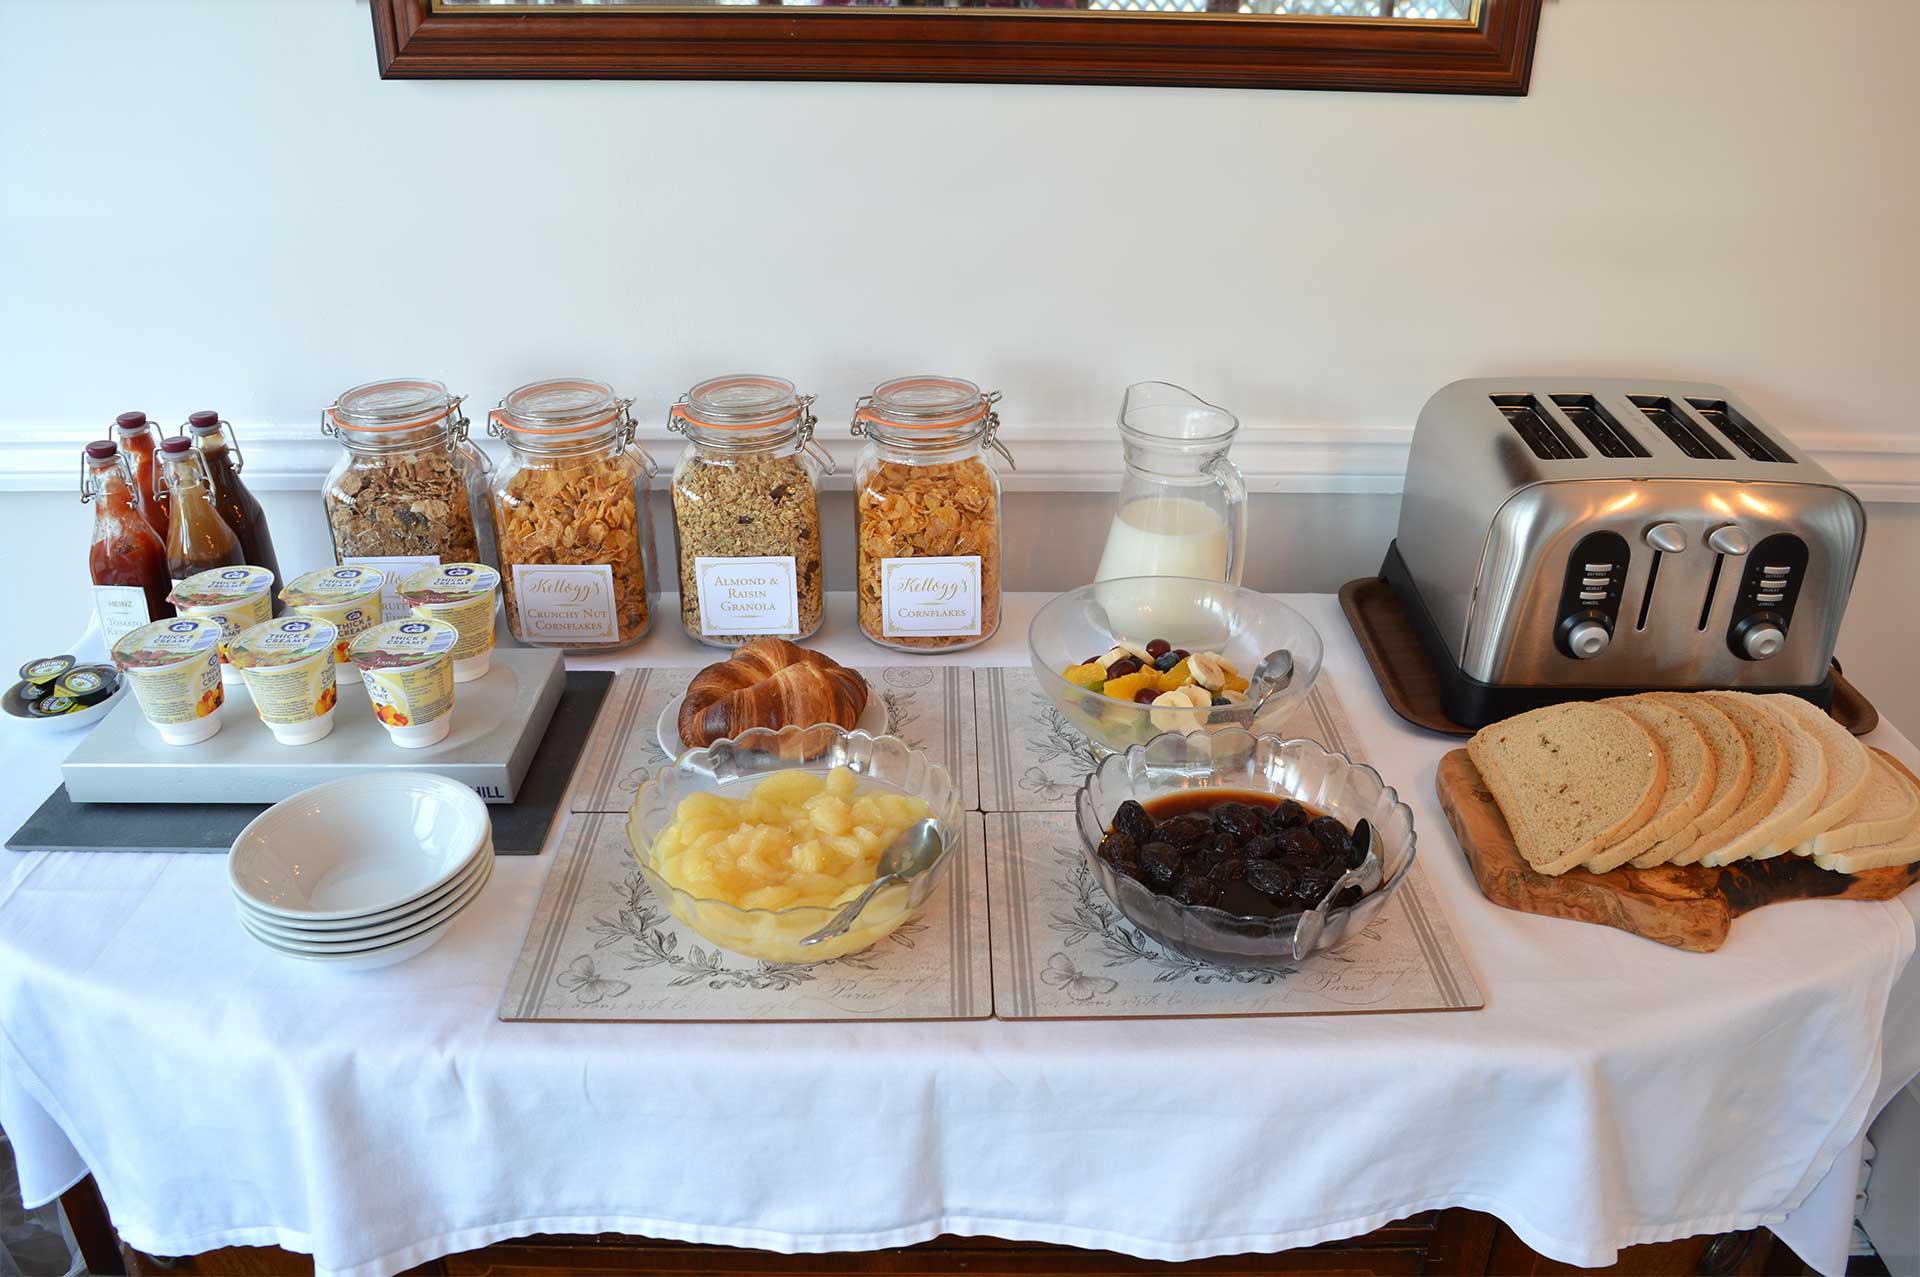 East Lyn House continental breakfast buffet